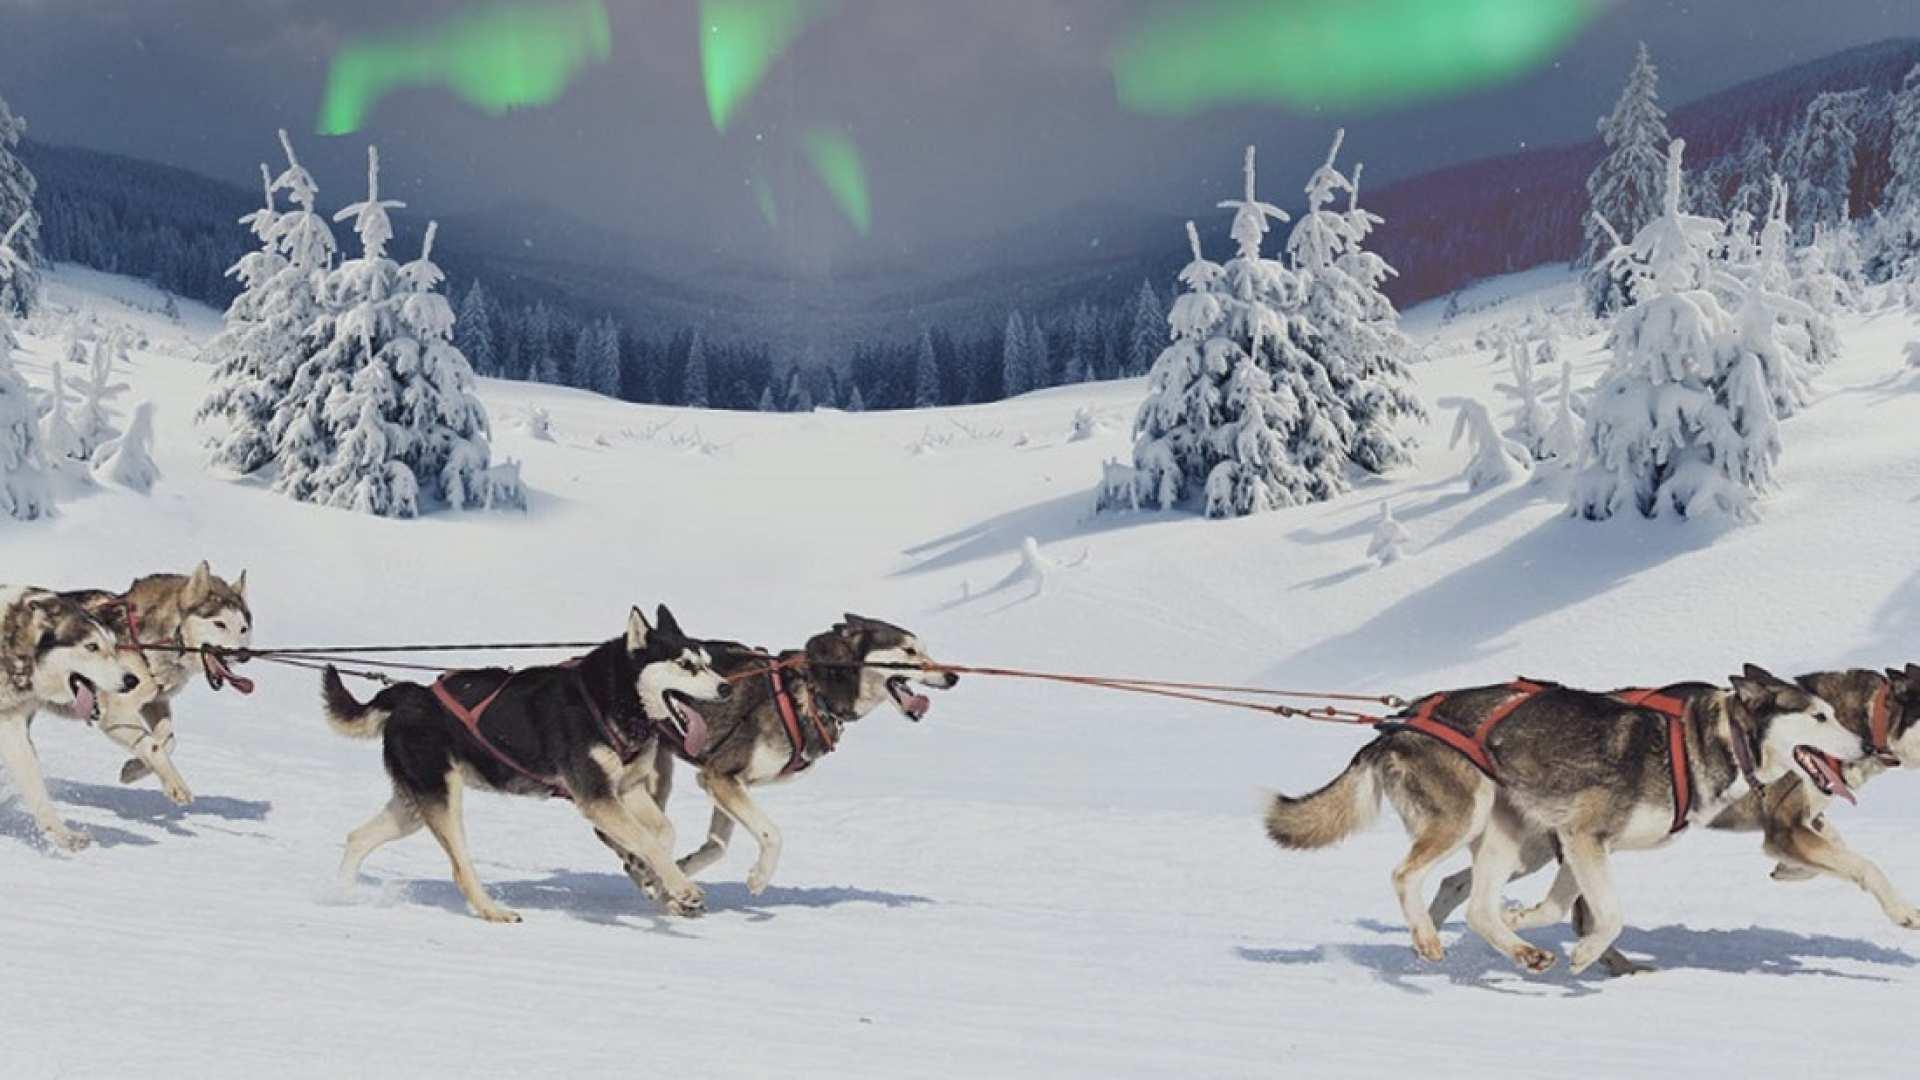 【芬蘭搭乘哈士奇雪橇賞極光】北極圈哈士奇農場+哈士奇雪橇體驗+拉普蘭特色小吃半日遊